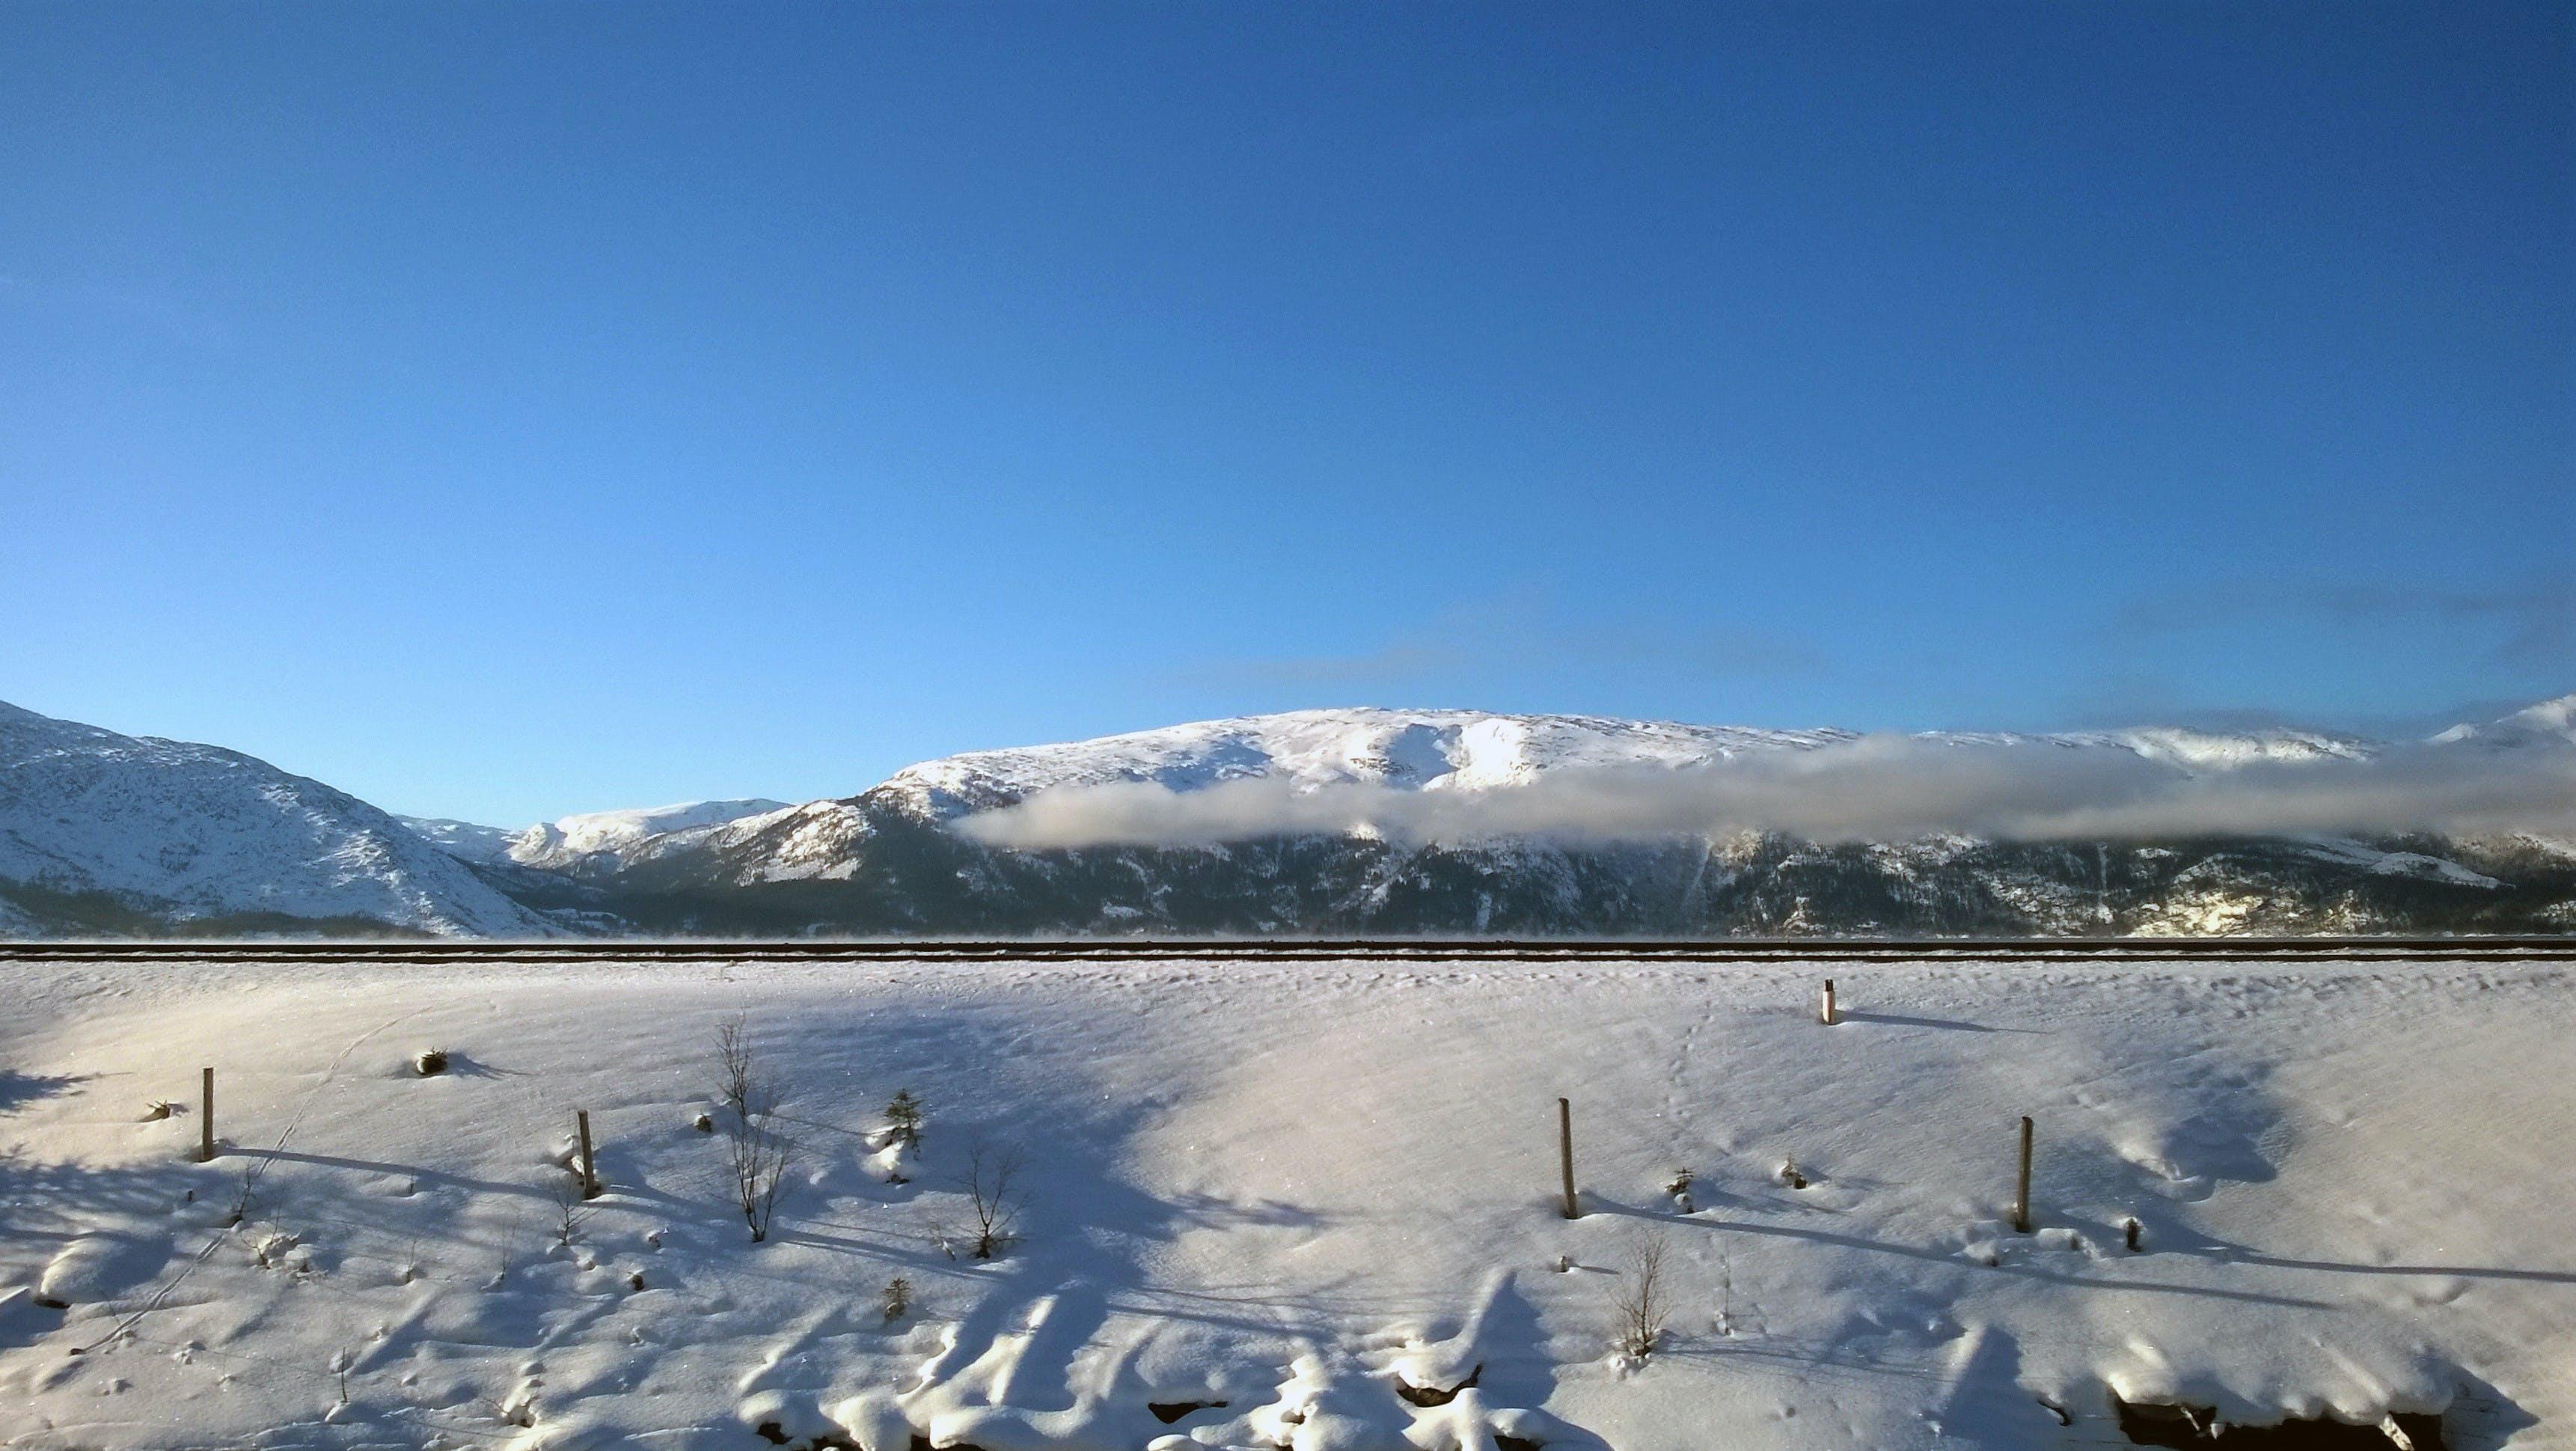 겨울, 겨울 풍경, 경치, 노르웨이의 무료 스톡 사진